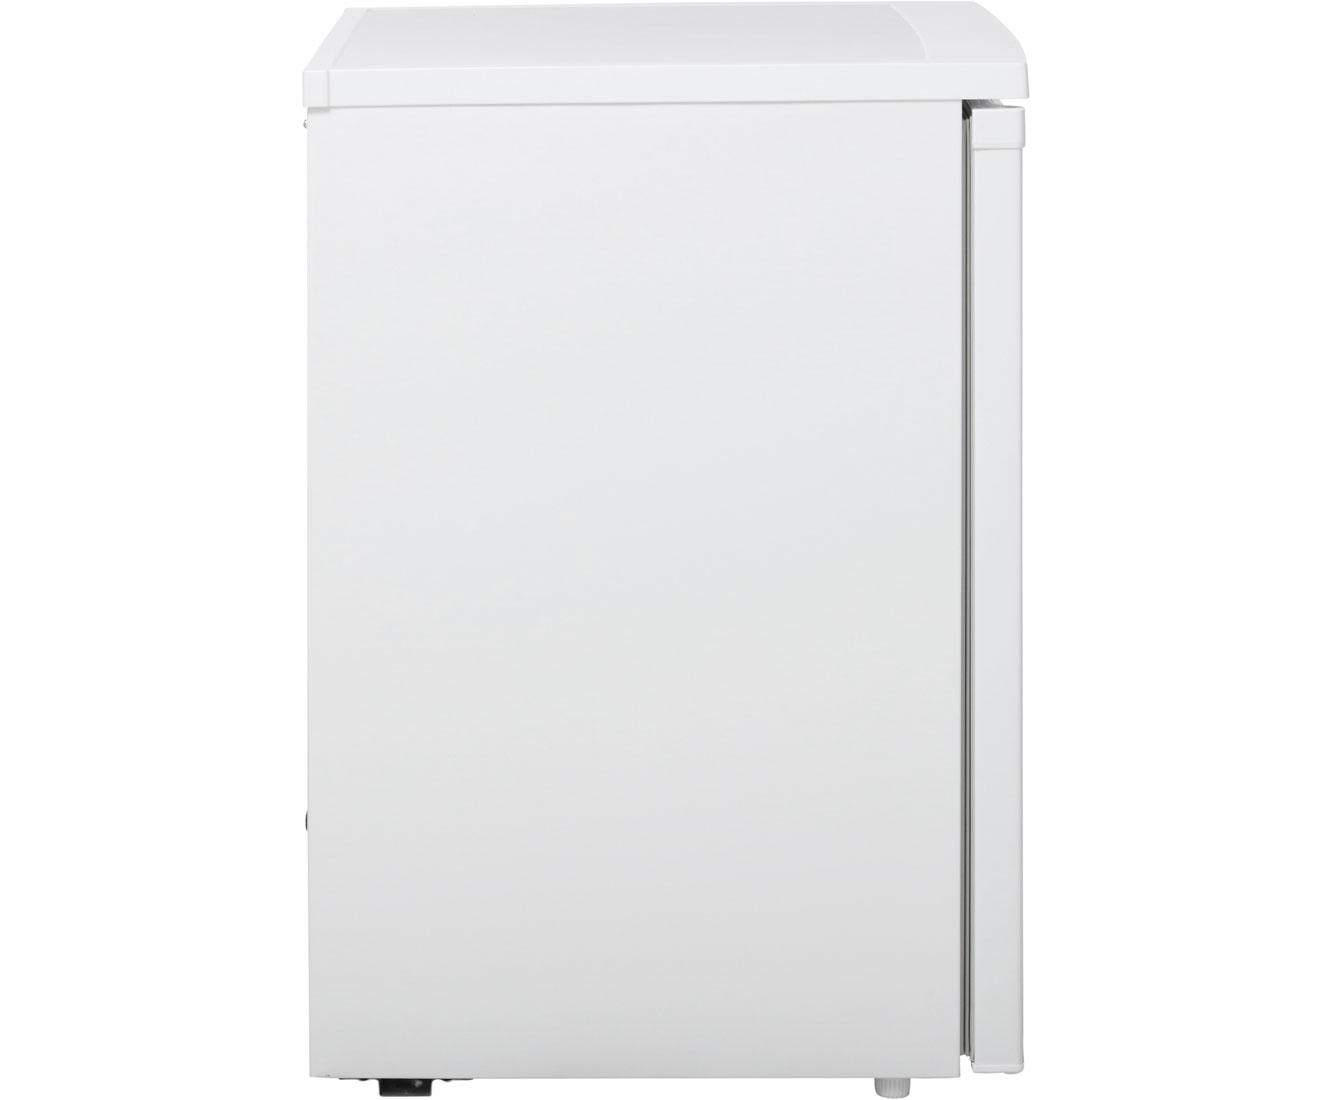 Retro Kühlschrank Bohmann : Bomann vs kühlschrank weiß a